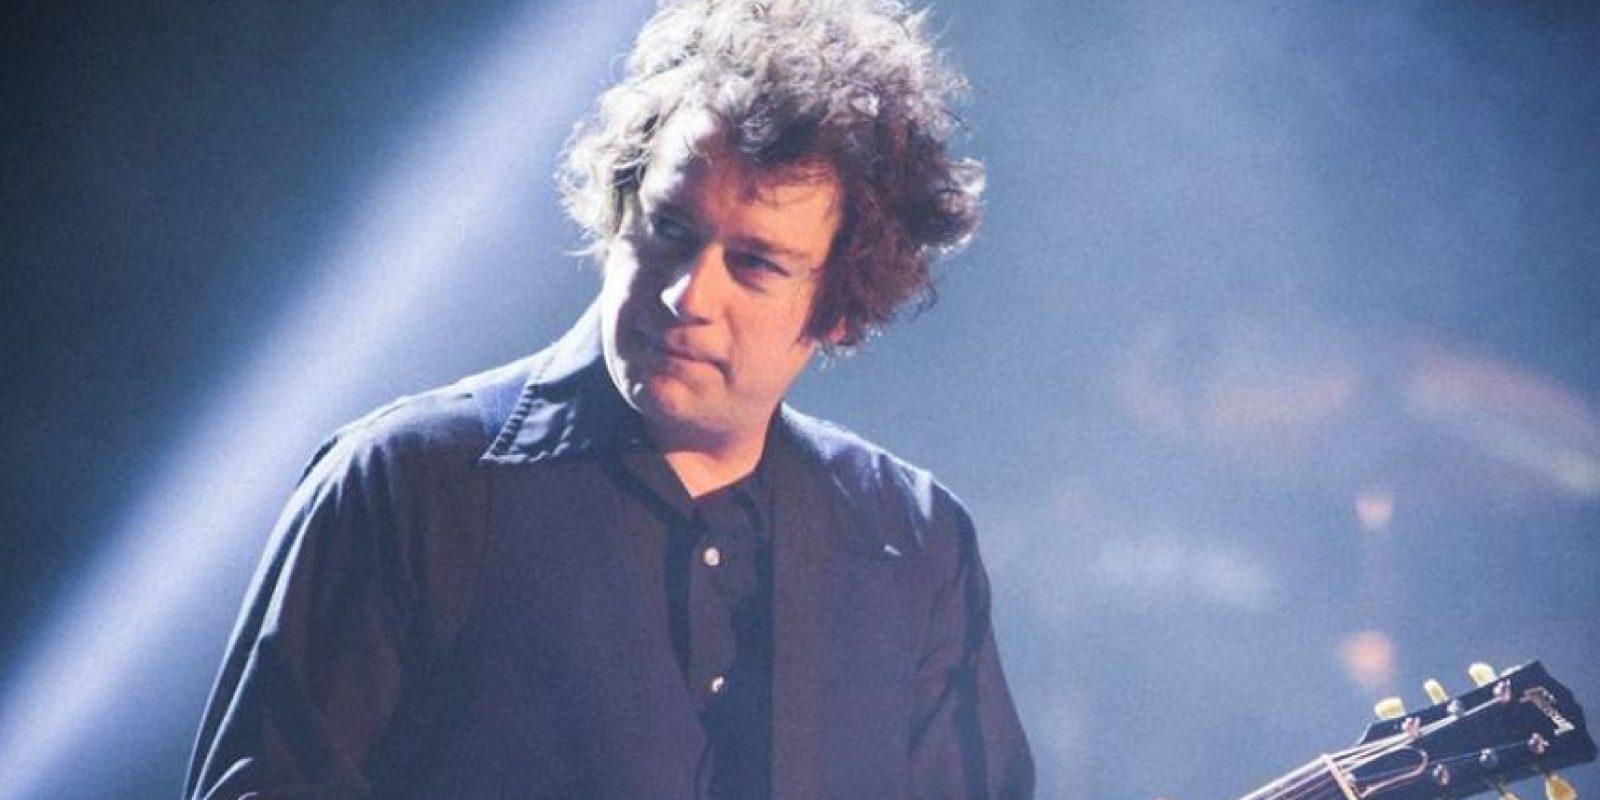 En 2012, se unió a Green Day como miembro oficial, encargado de la guitarra principal. Foto:GreenDay.com